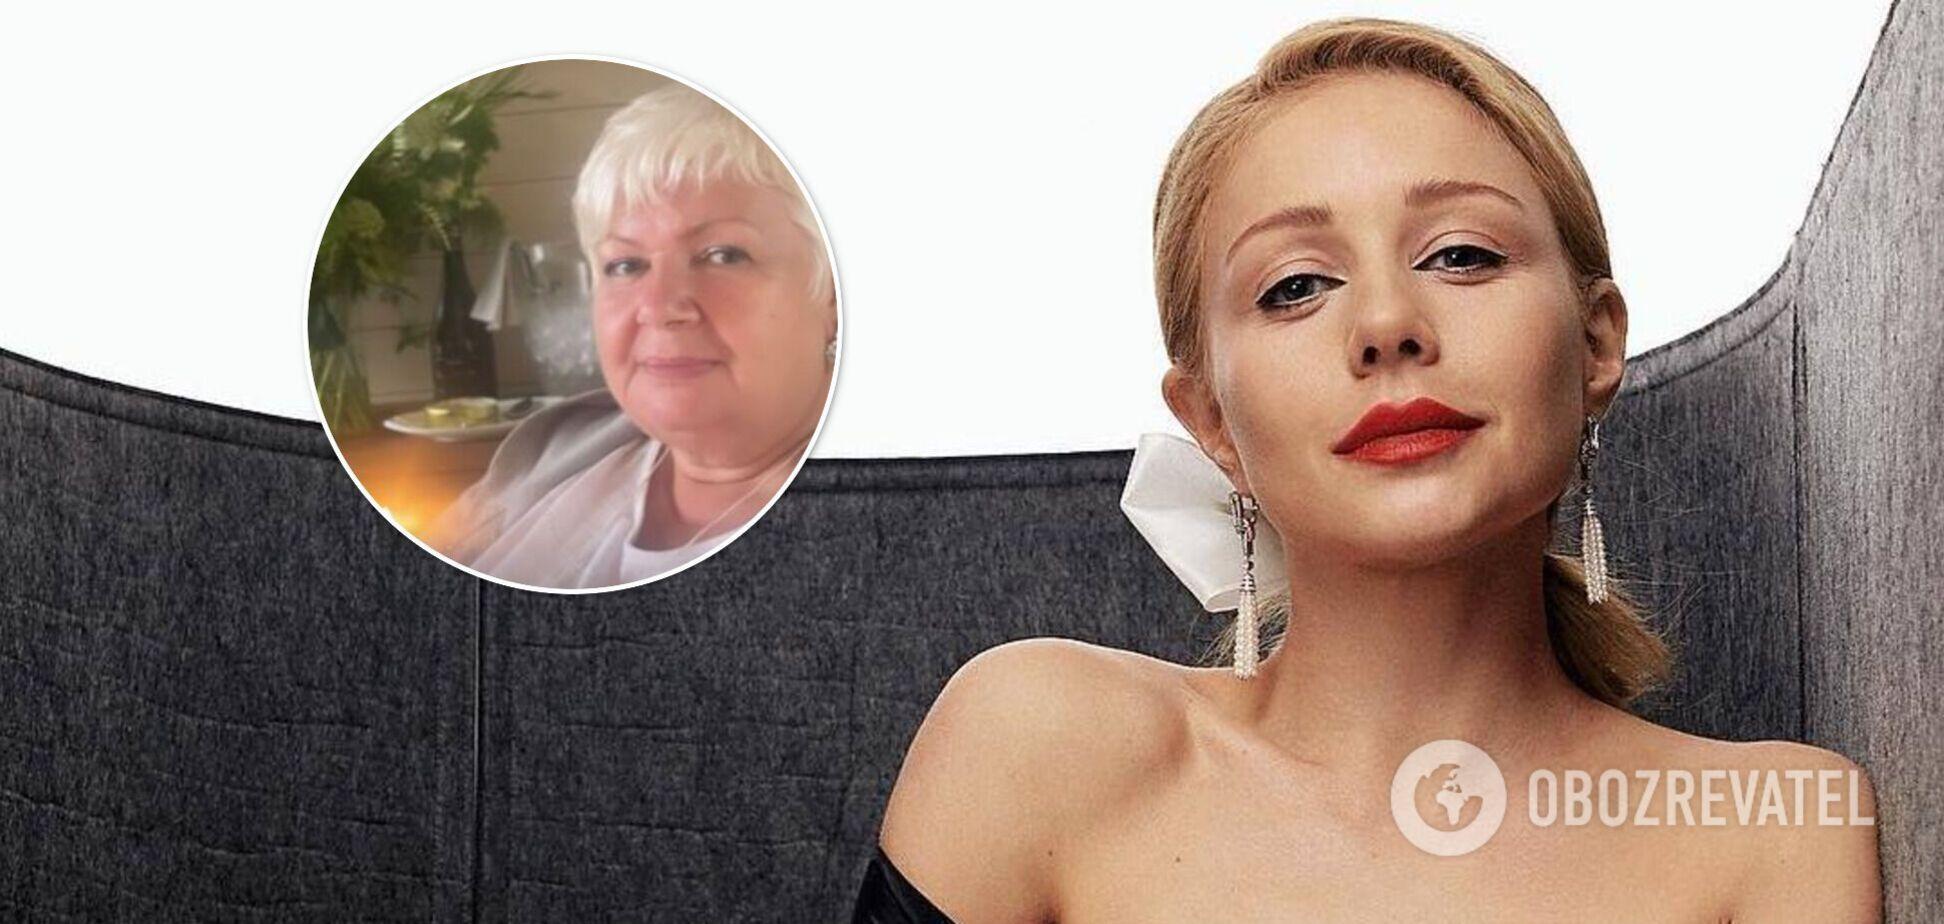 Тіна Кароль показала рідкісні фото з мамою